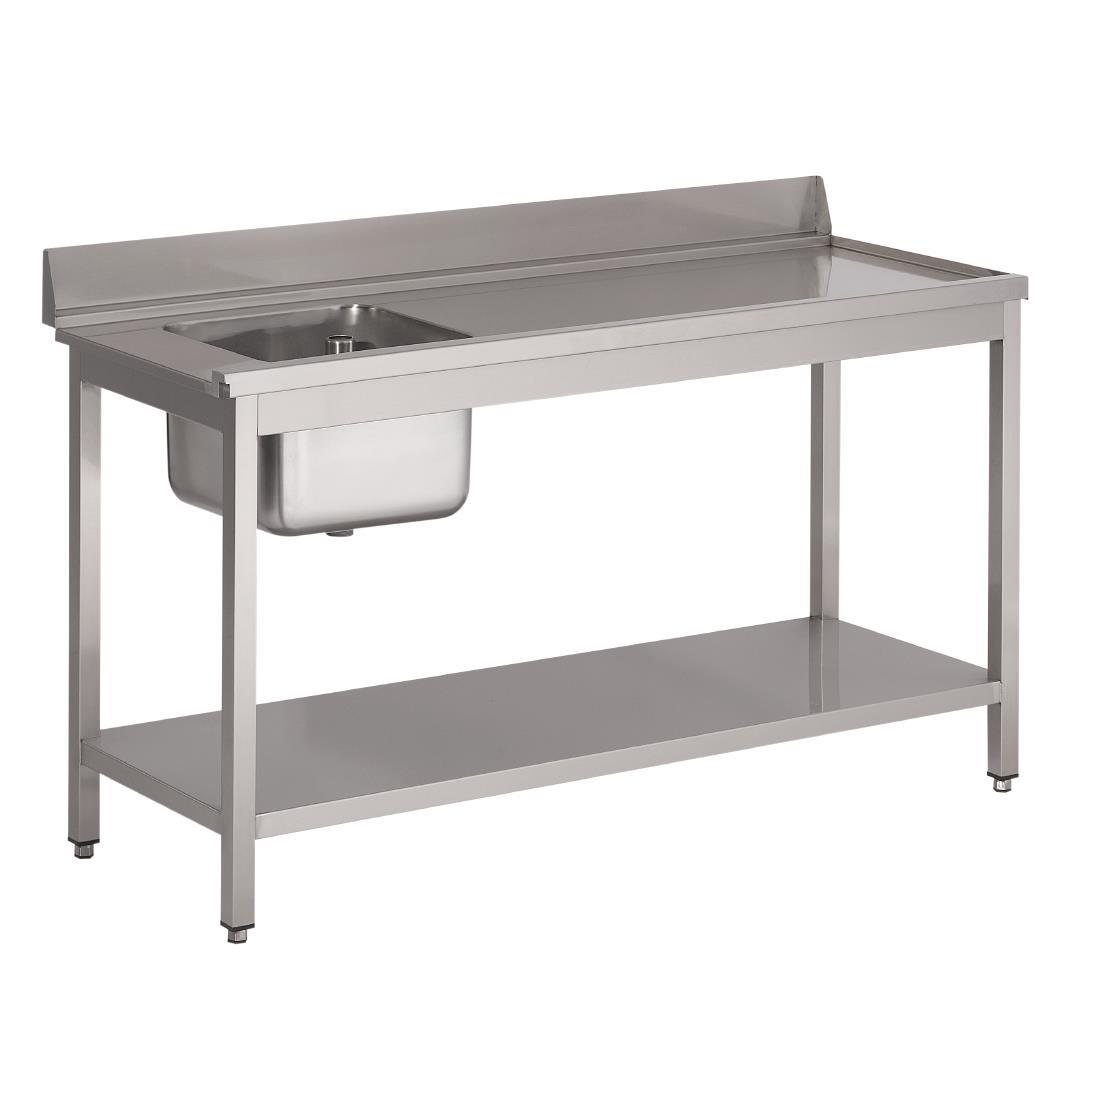 Table d\'entrée lave-vaisselle inox avec bac à gauche dosseret et tablette inférieure Gastro M 850x1000x700mm